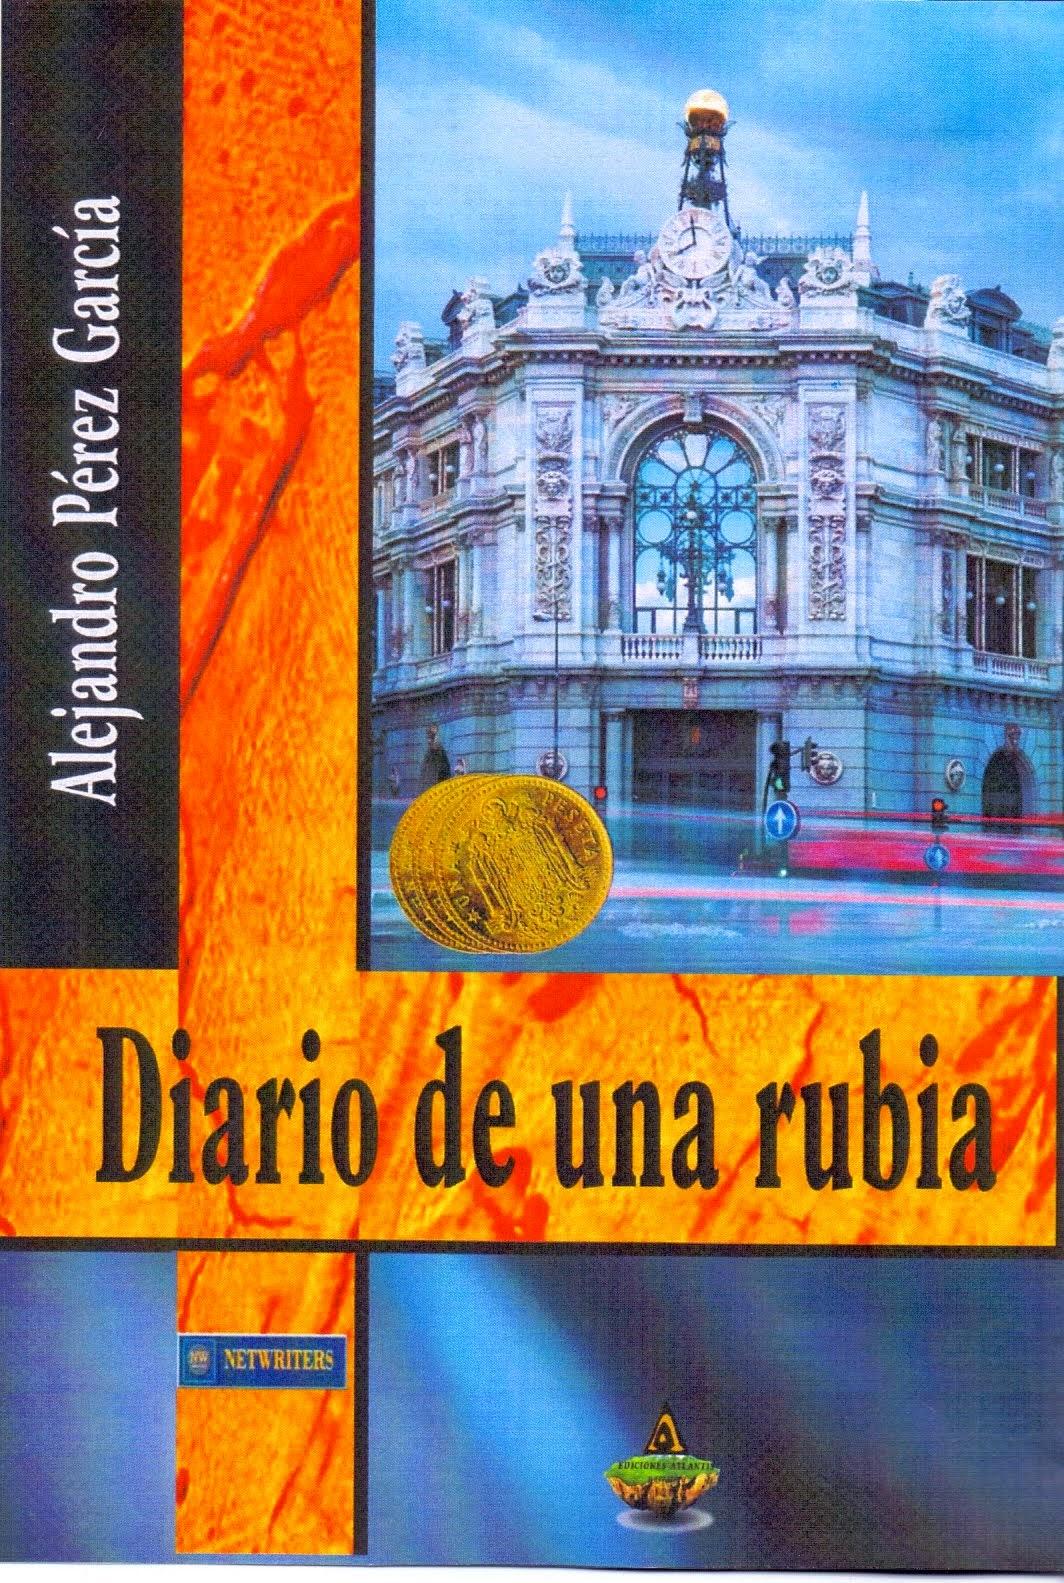 """MI ÚLTIMO LIBRO, """"DIARIO DE UNA RUBIA"""". (Clic en la foto)."""